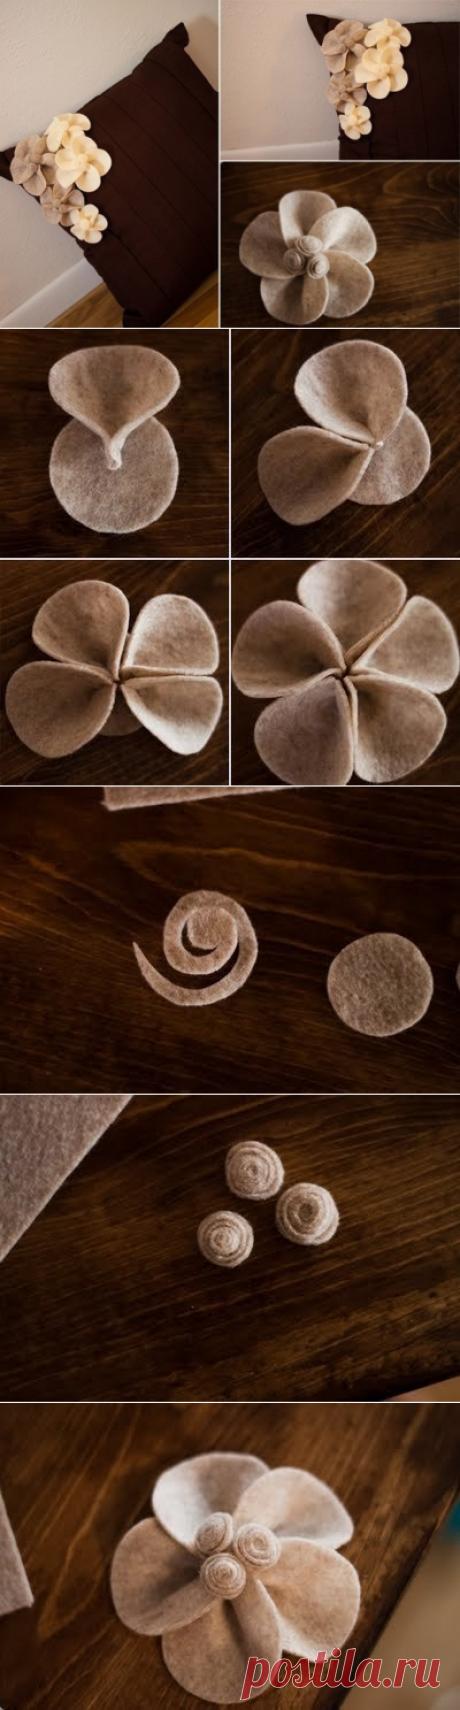 Декоративный цветок для подушки